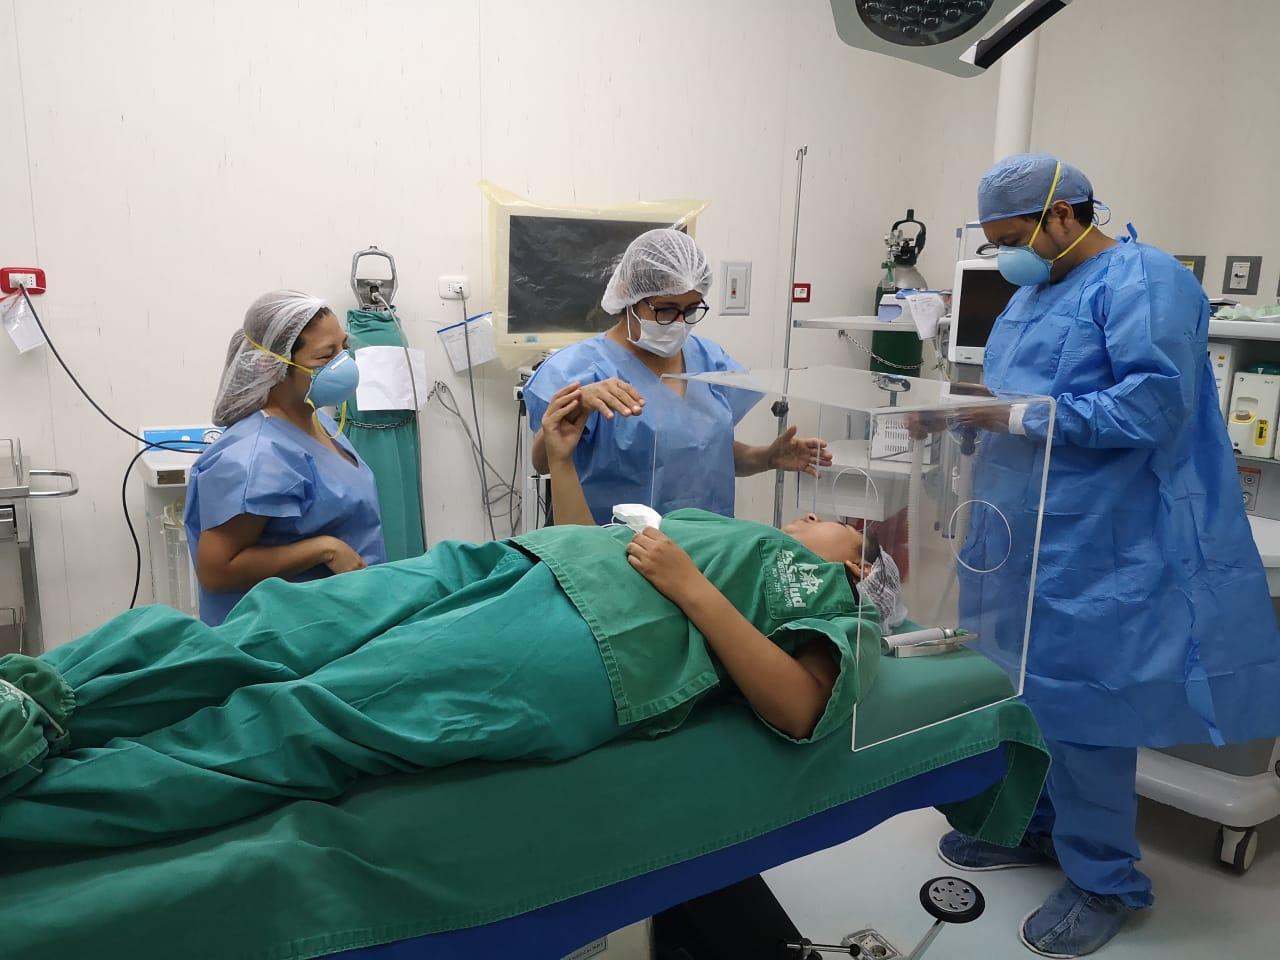 Sie empfehlen jetzt die Installation von Intubationsgeräten in Impfzentren, um die Anaphylaxie zu lindern